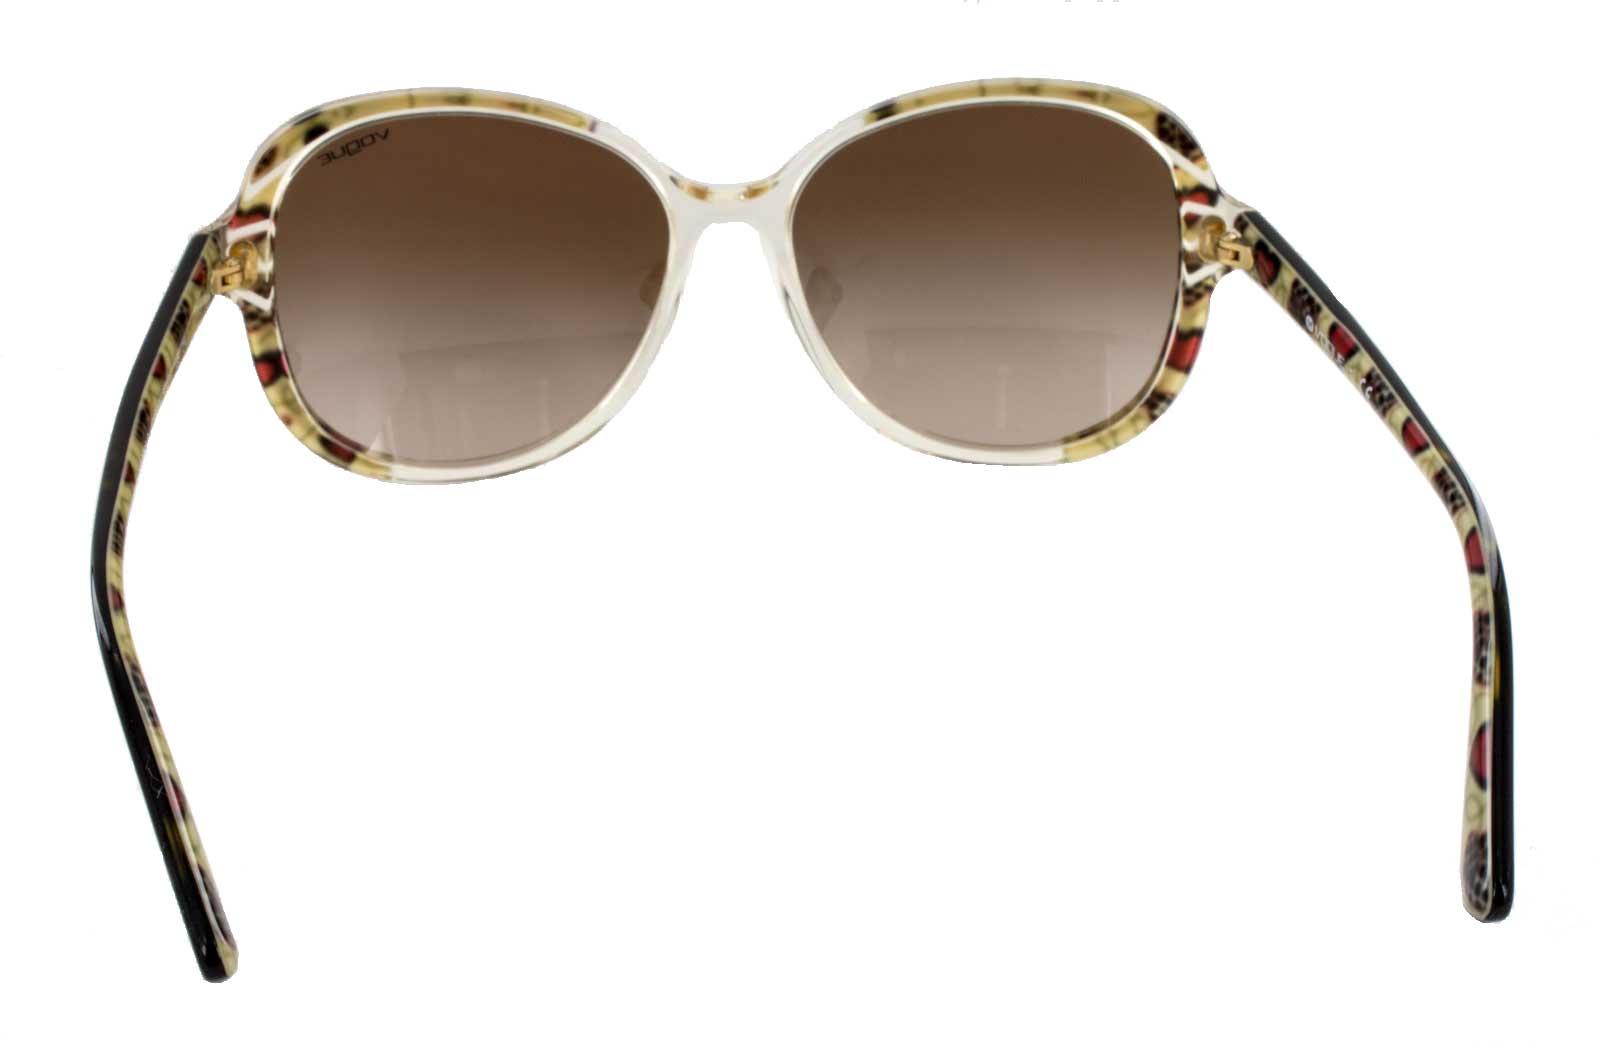 Vogue Sonnenbrille Damen Brille braun havanna